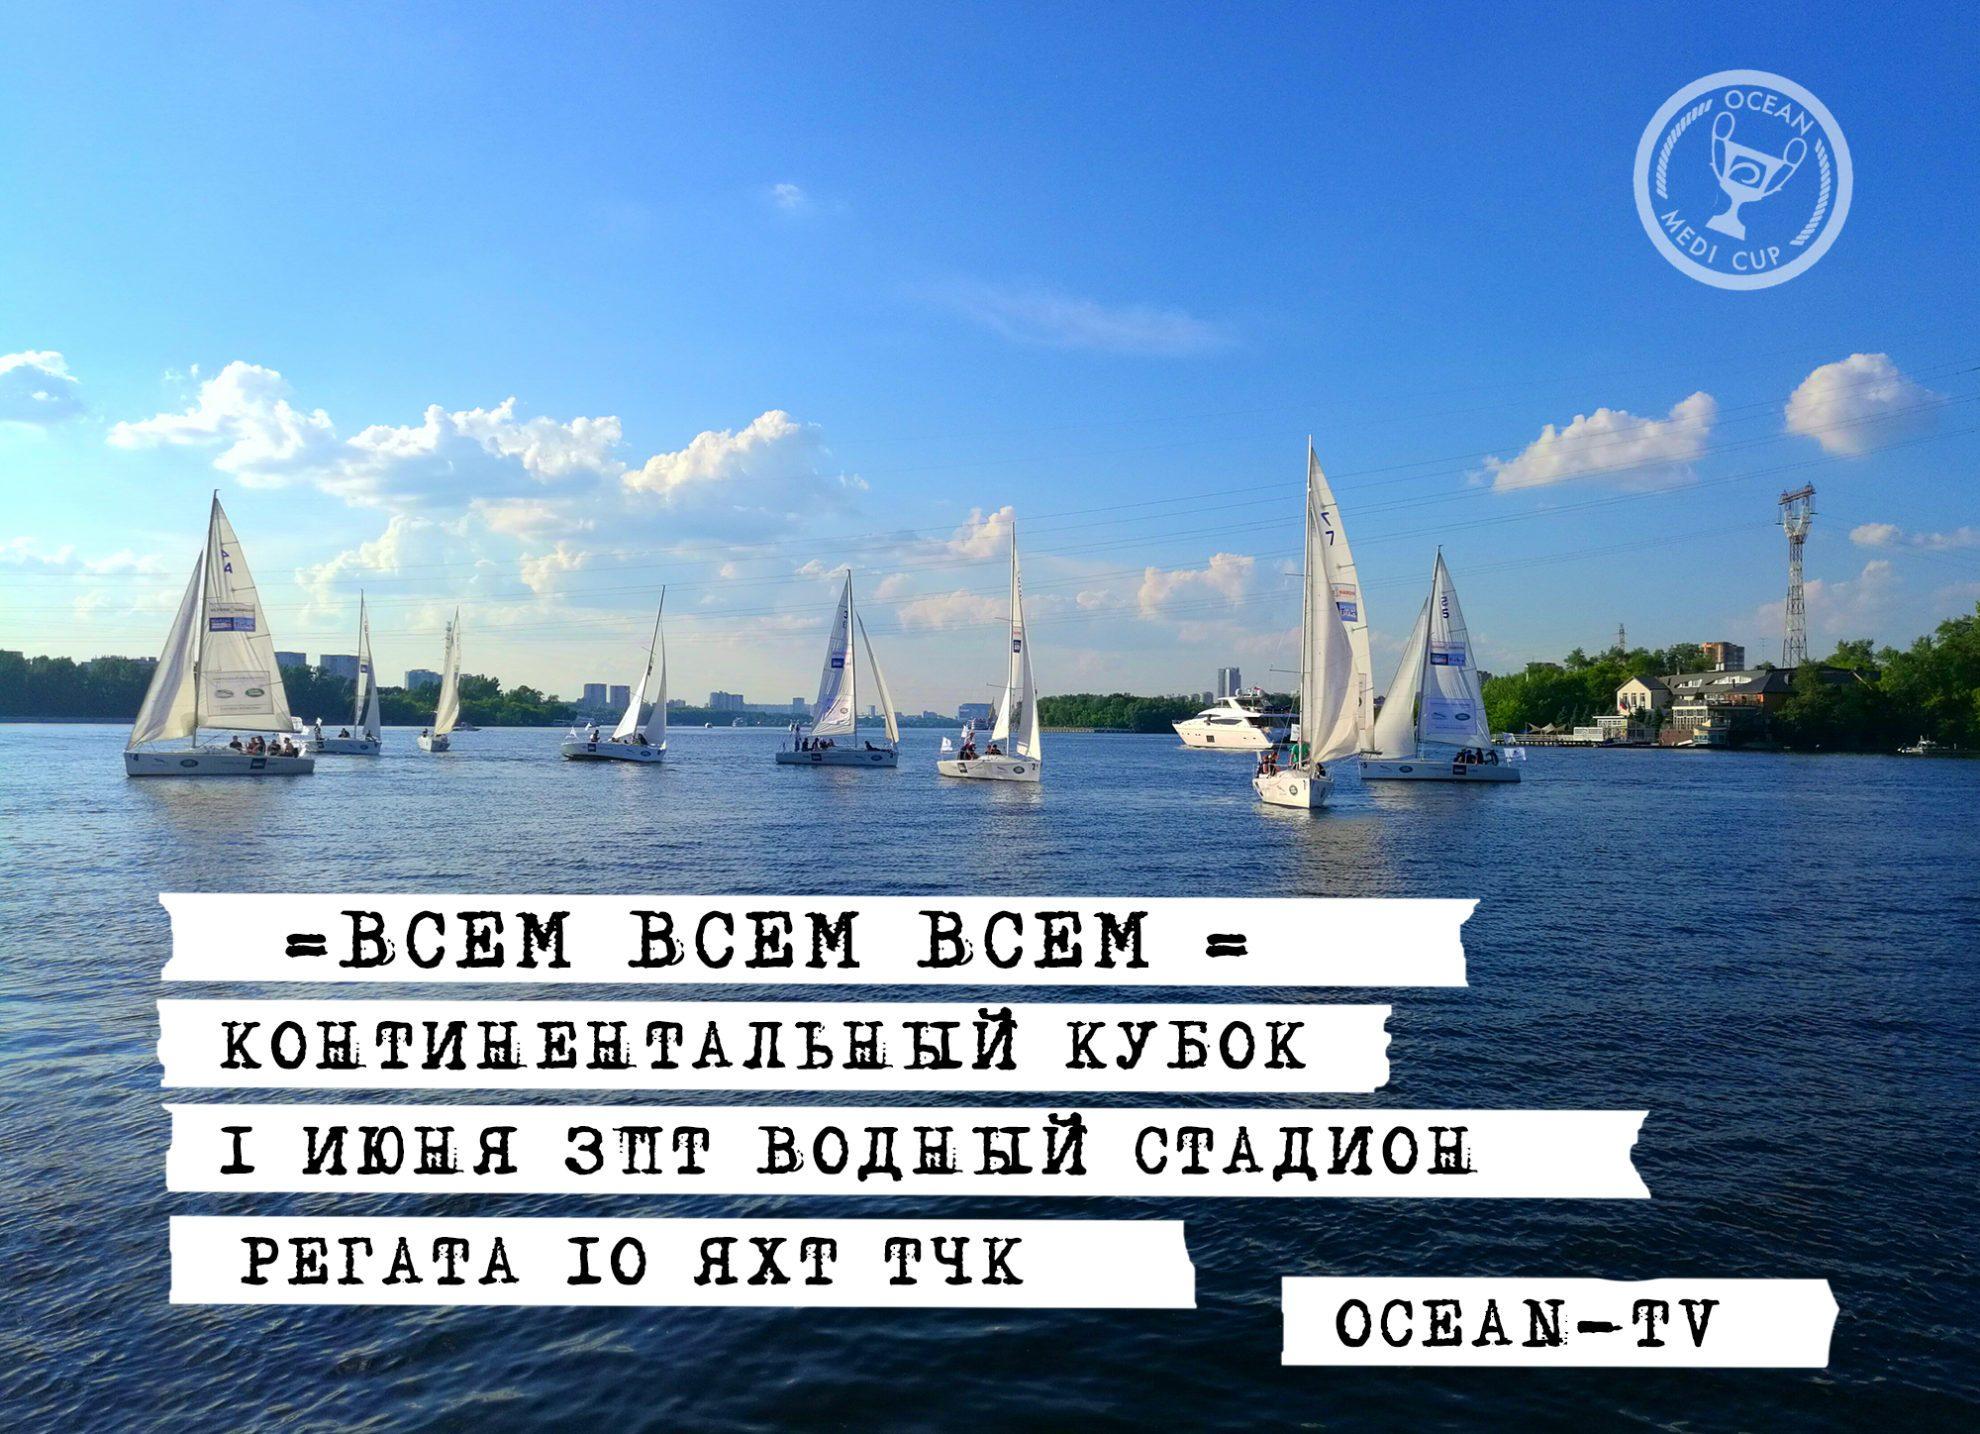 В Москве впервые пройдет Континентальный кубок OMC